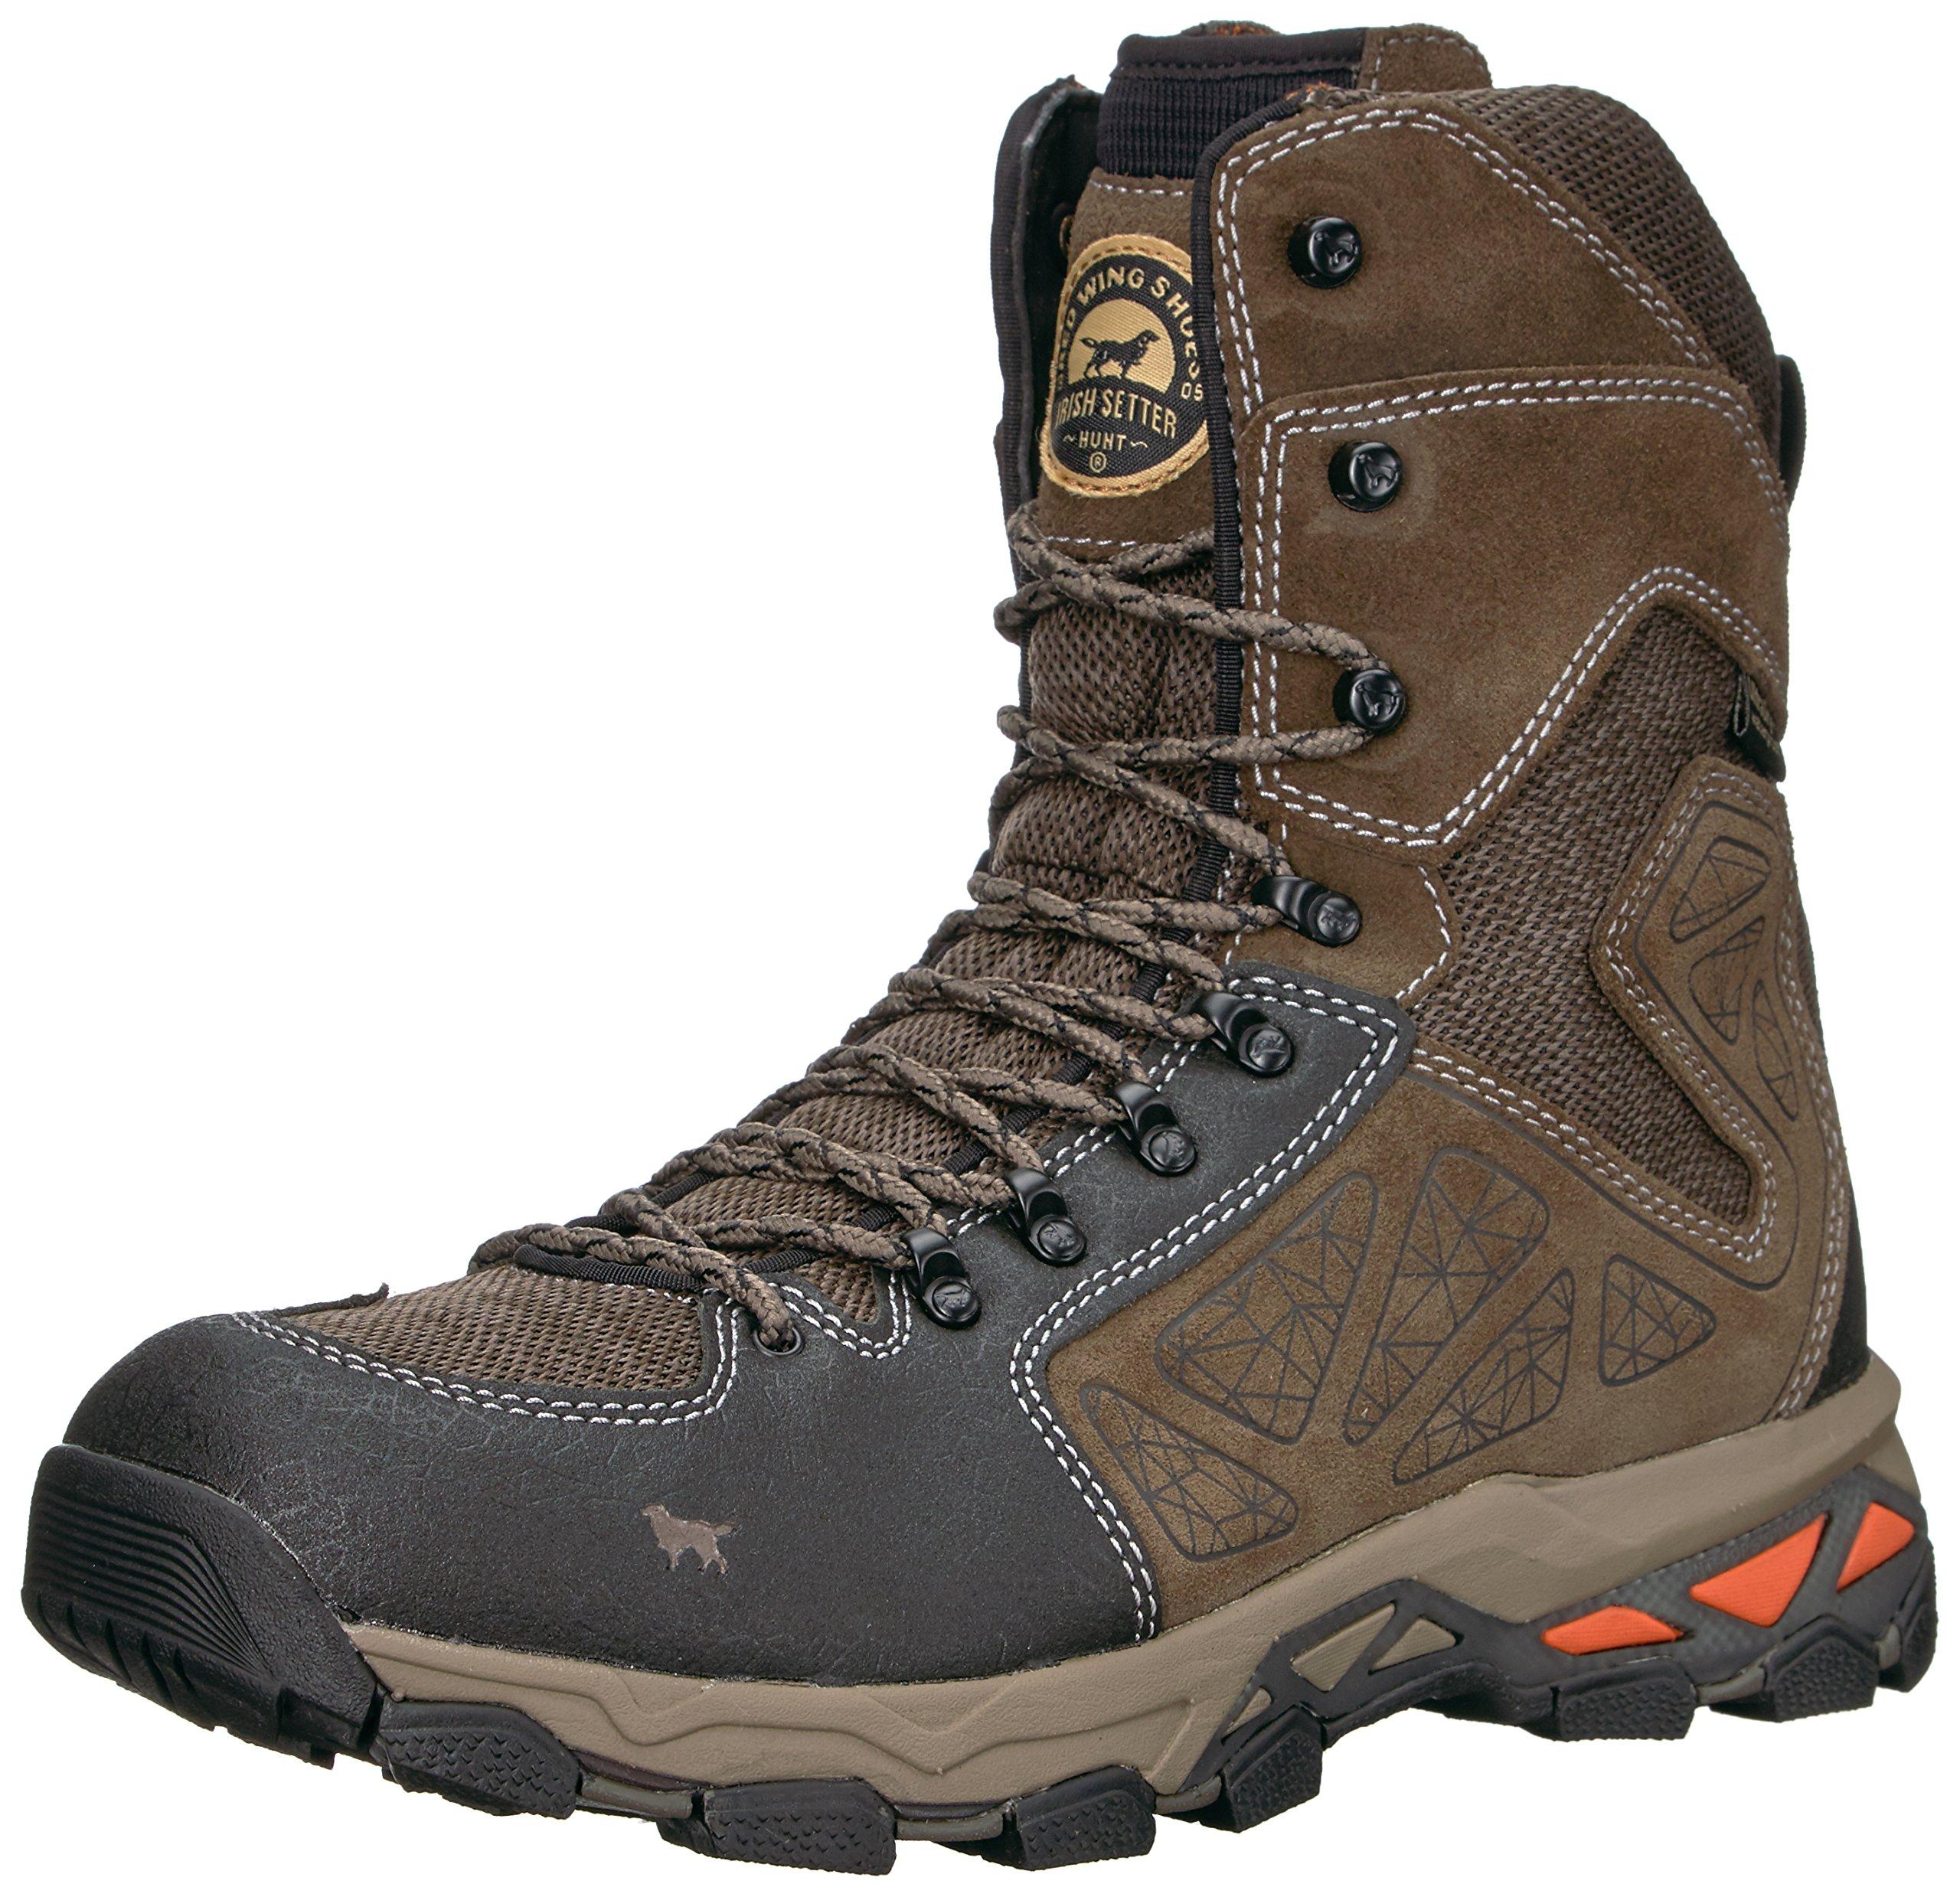 Irish Setter Men's Ravine-2885 Hunting Shoes, Gray/Black, 9 2E US by Irish Setter